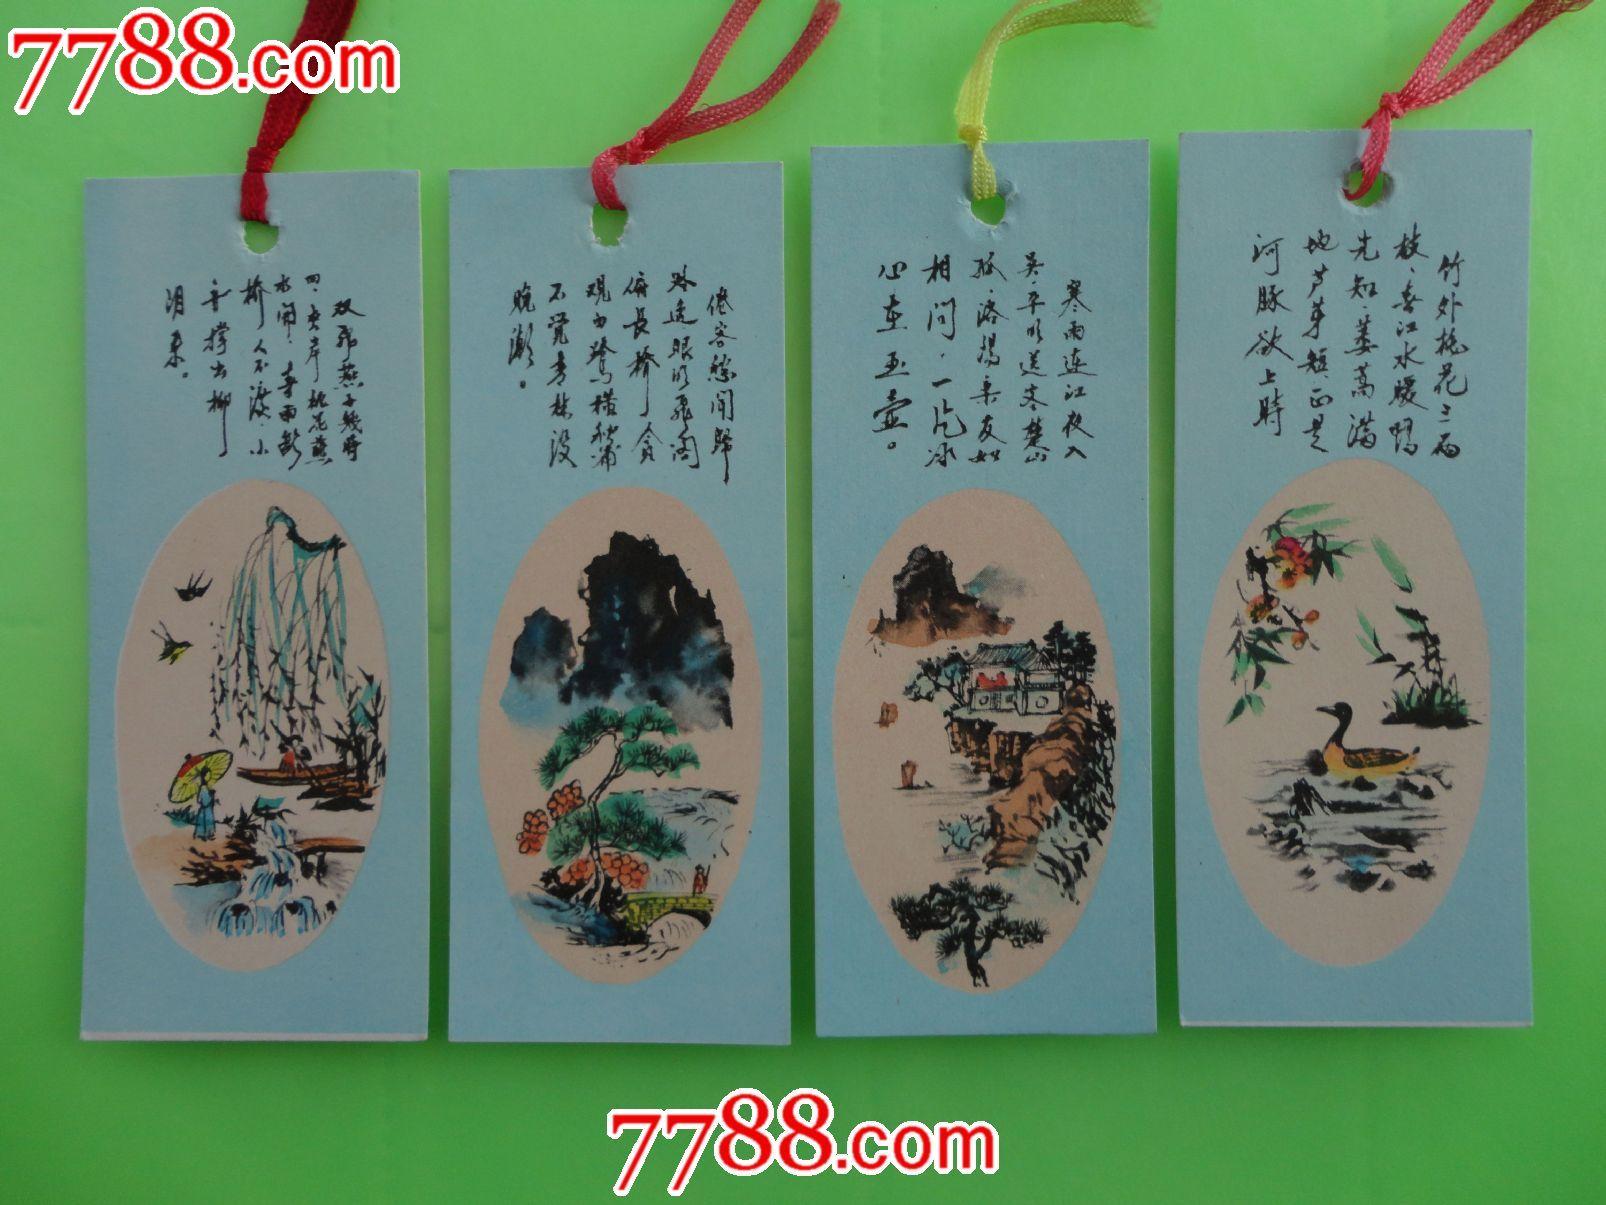 诗配画-价格:16元-se22007881-书签/藏书票-零售-中国